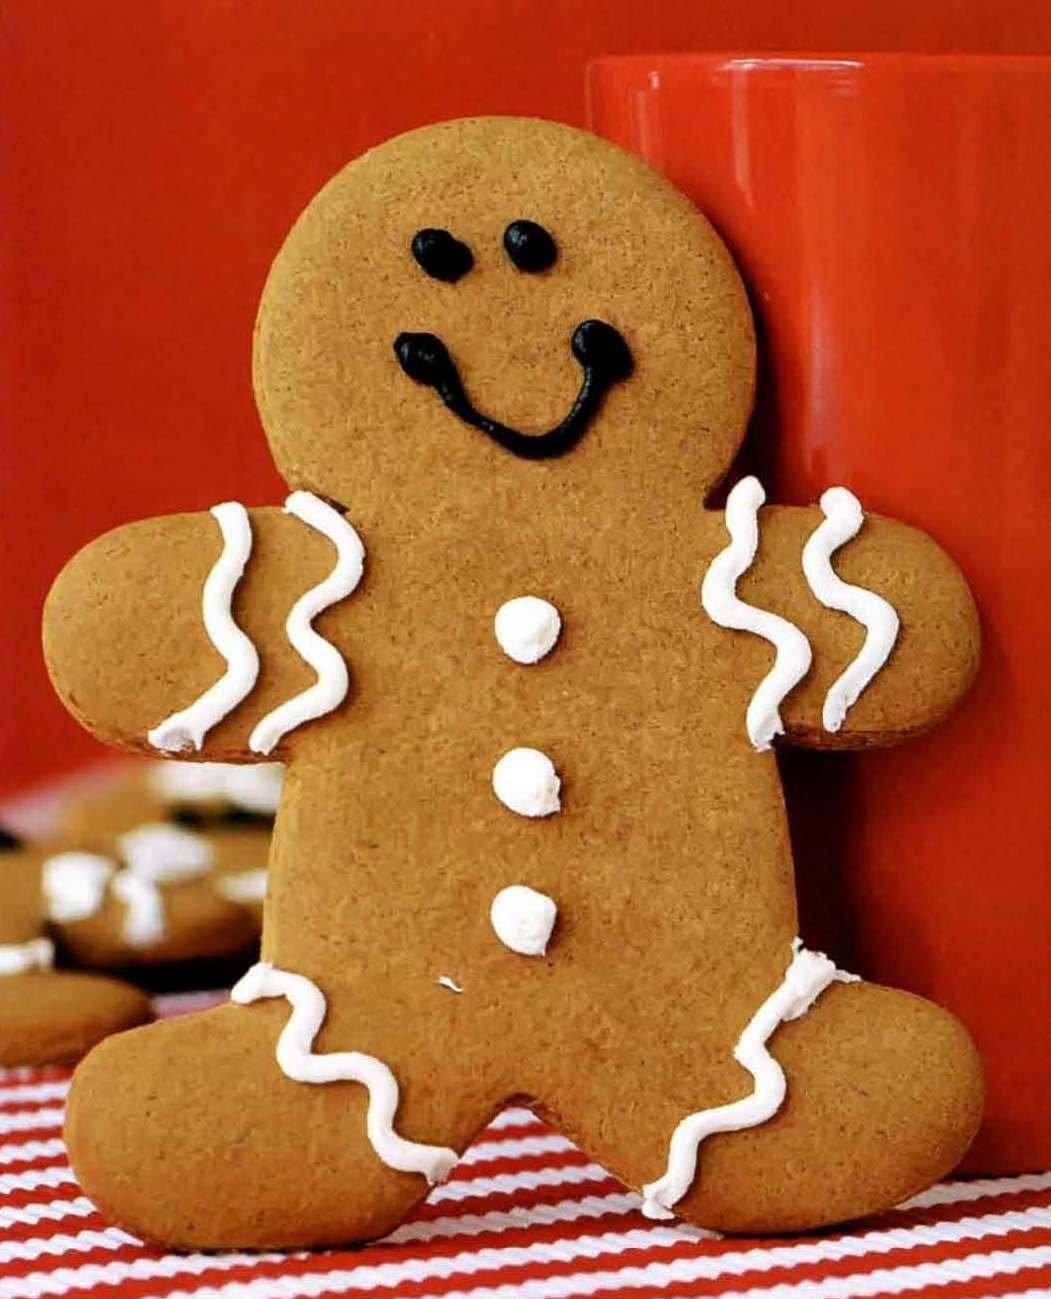 Картинка печенье в виде человека